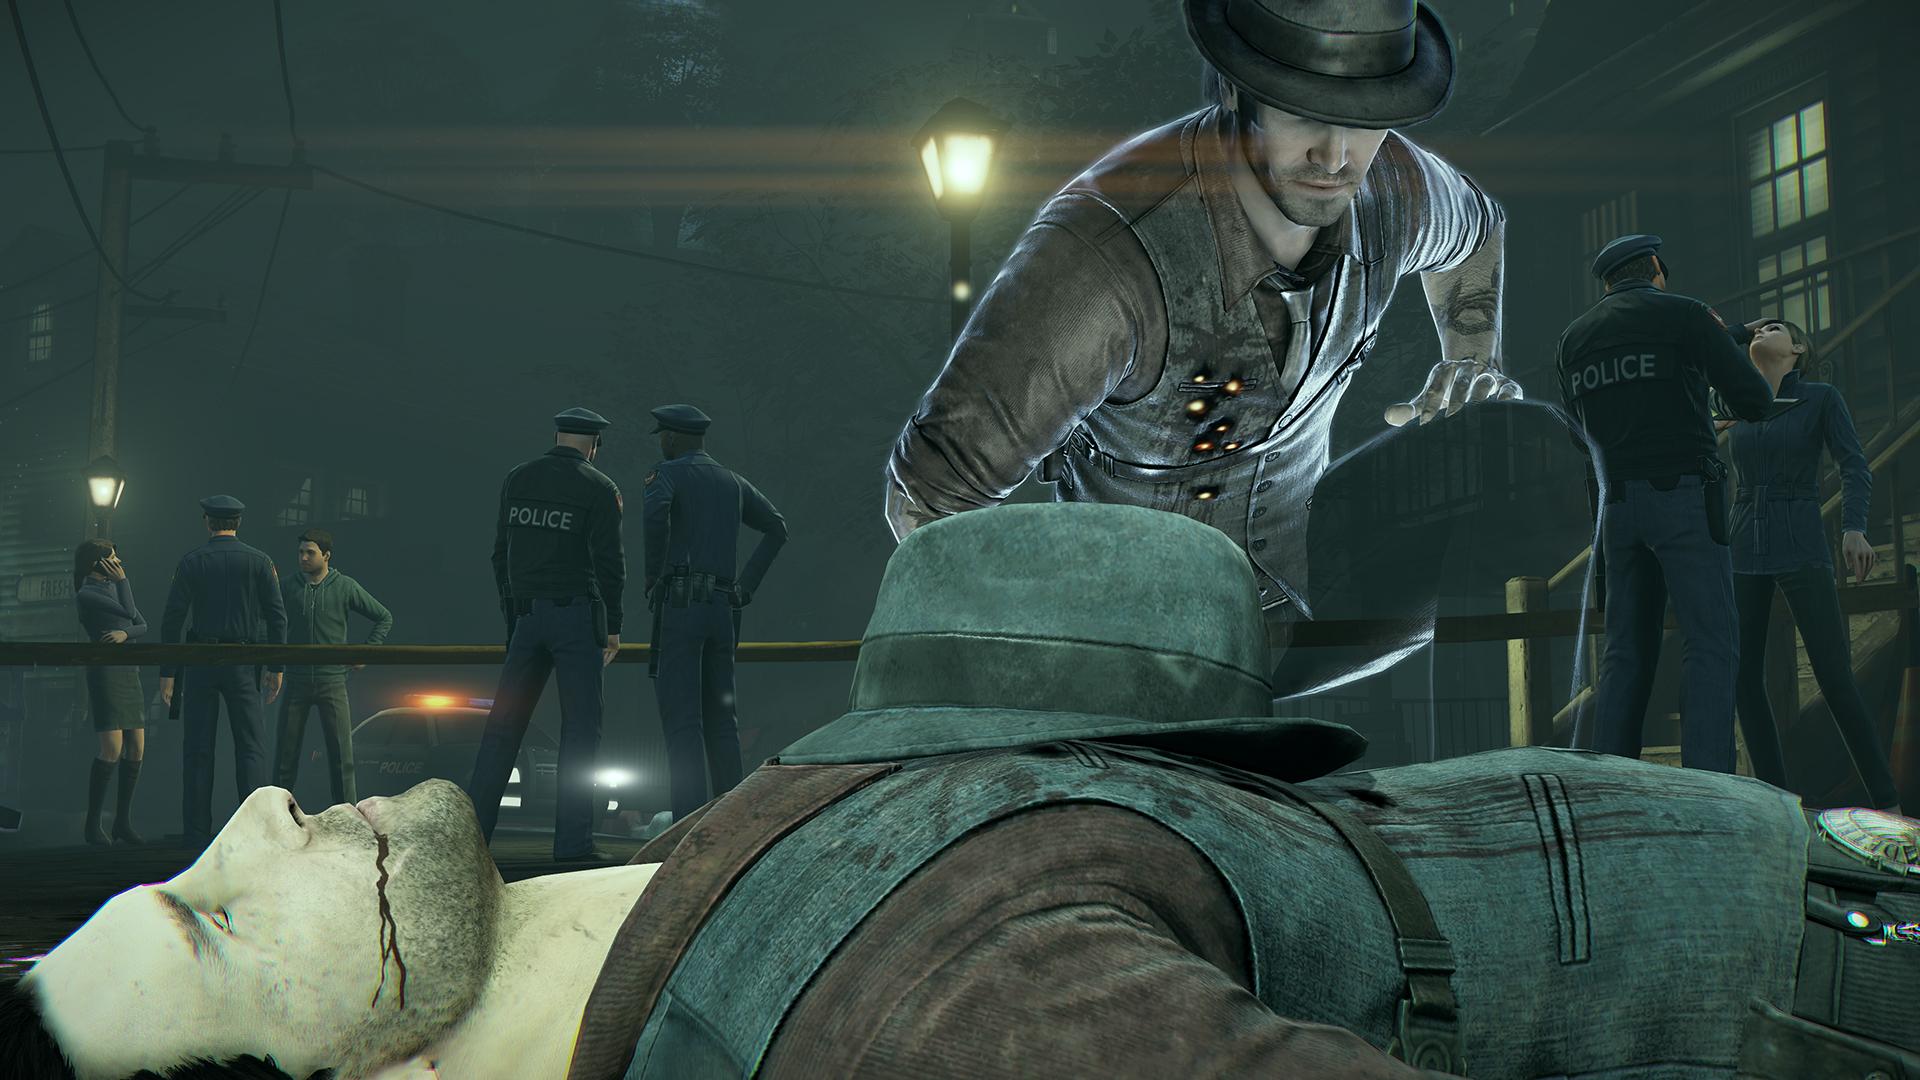 Quelle: http://jpgames.de/wp-content/uploads/2014/03/murdered-online-preview-2.jpg